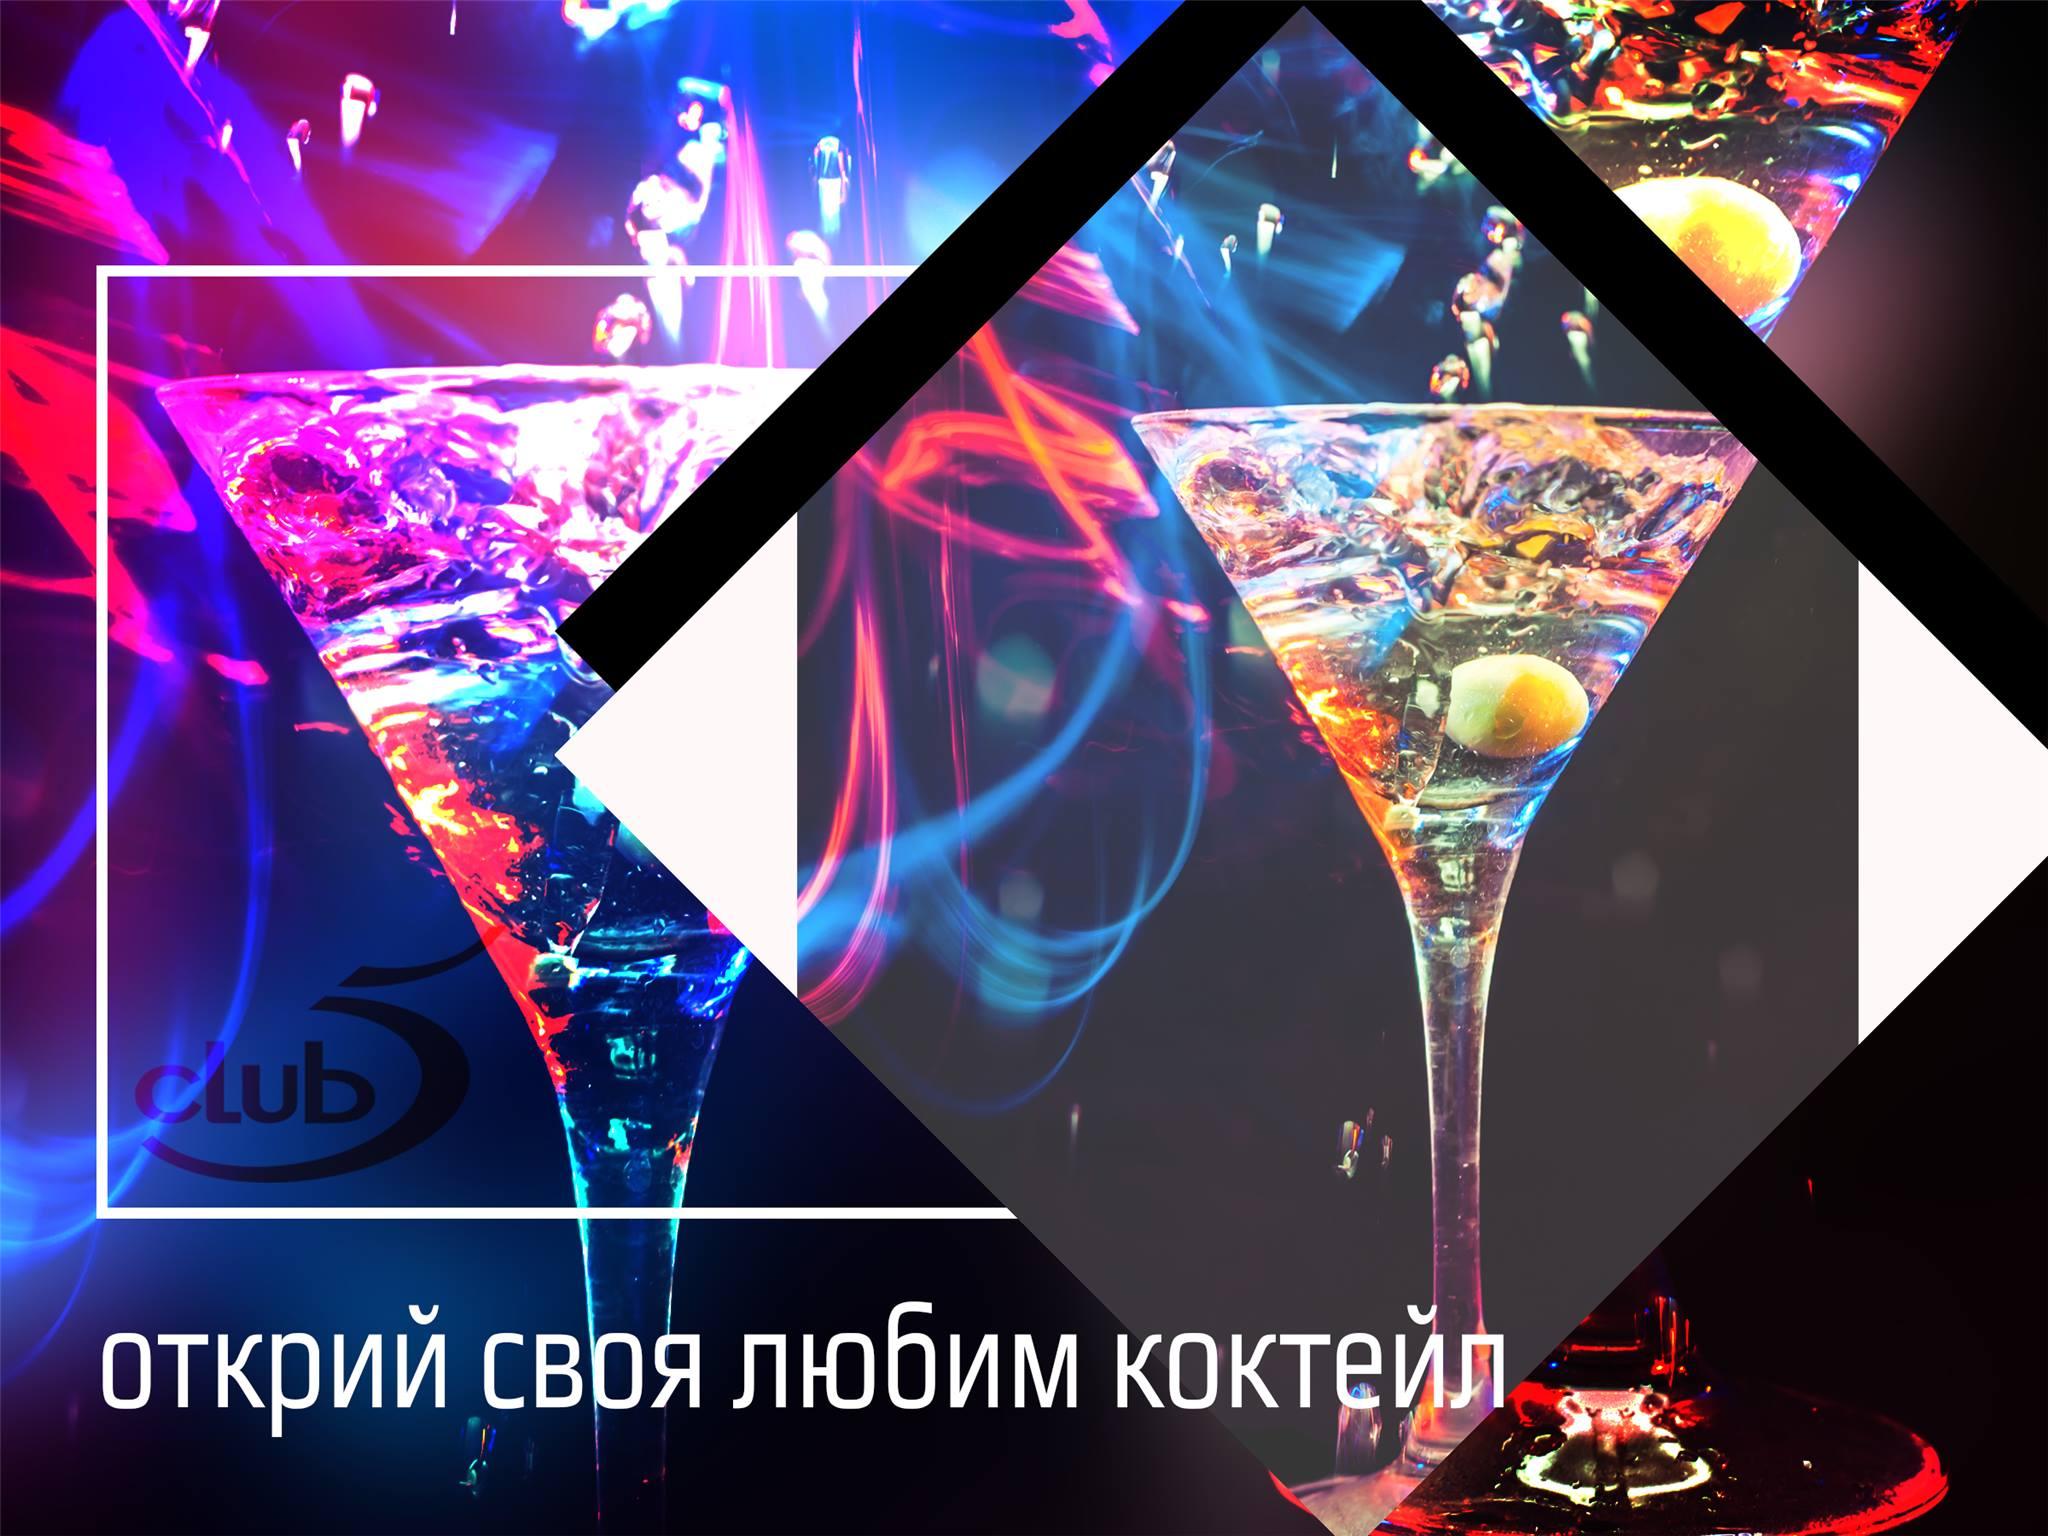 Графични обработка на банери за Club 5